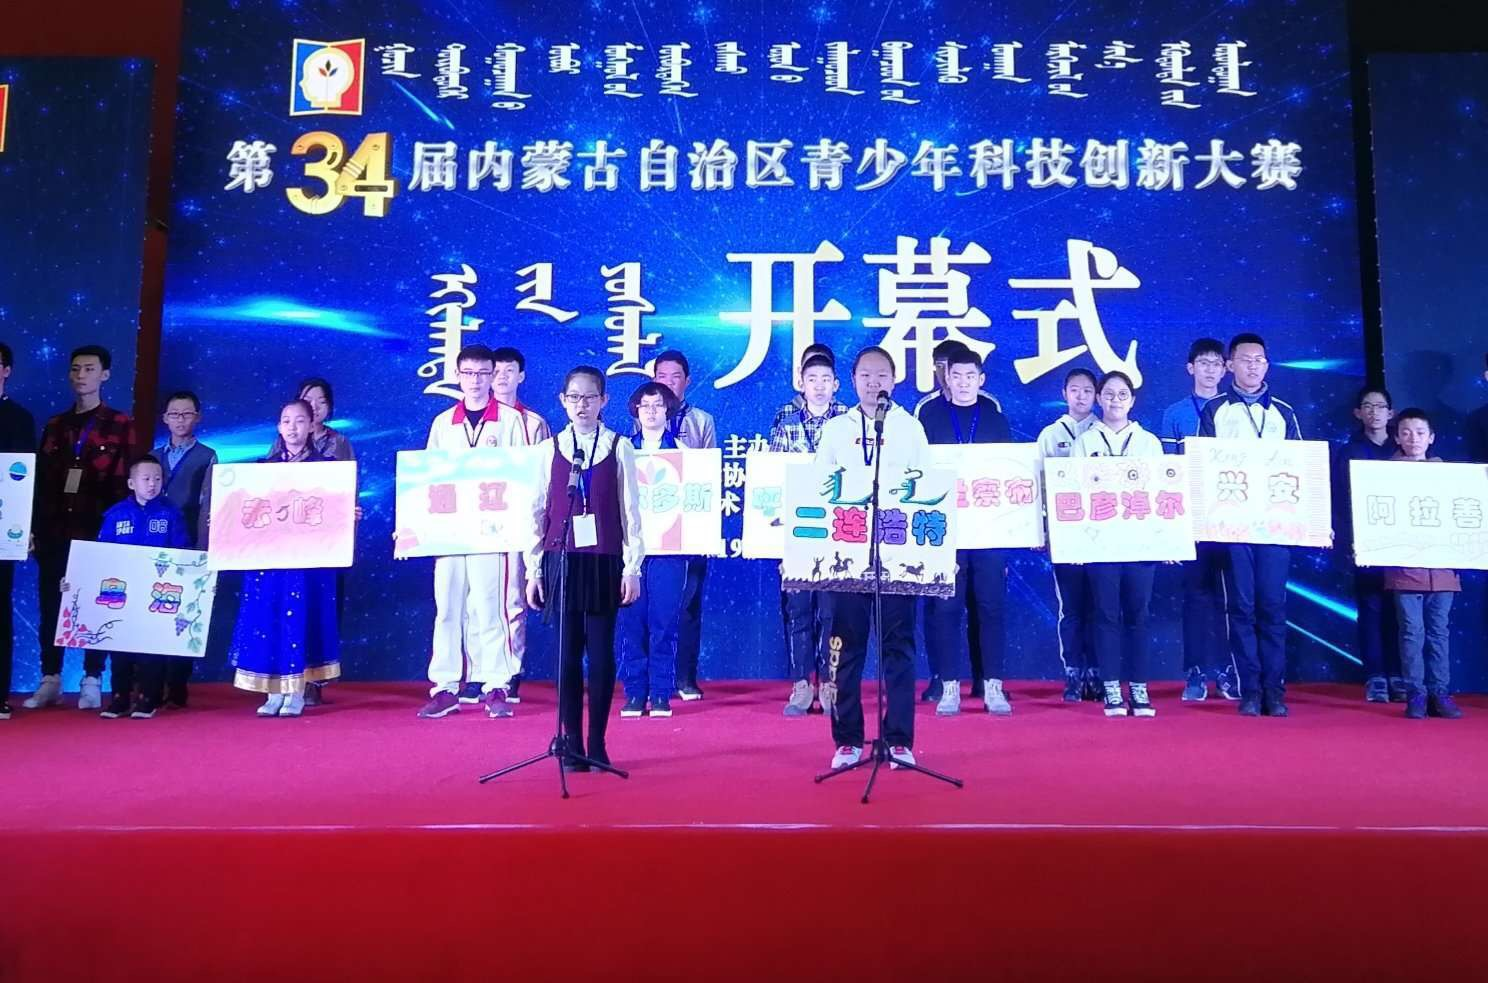 公园路小学在第34届内蒙古自治区青少年科技创新大赛上喜获佳绩